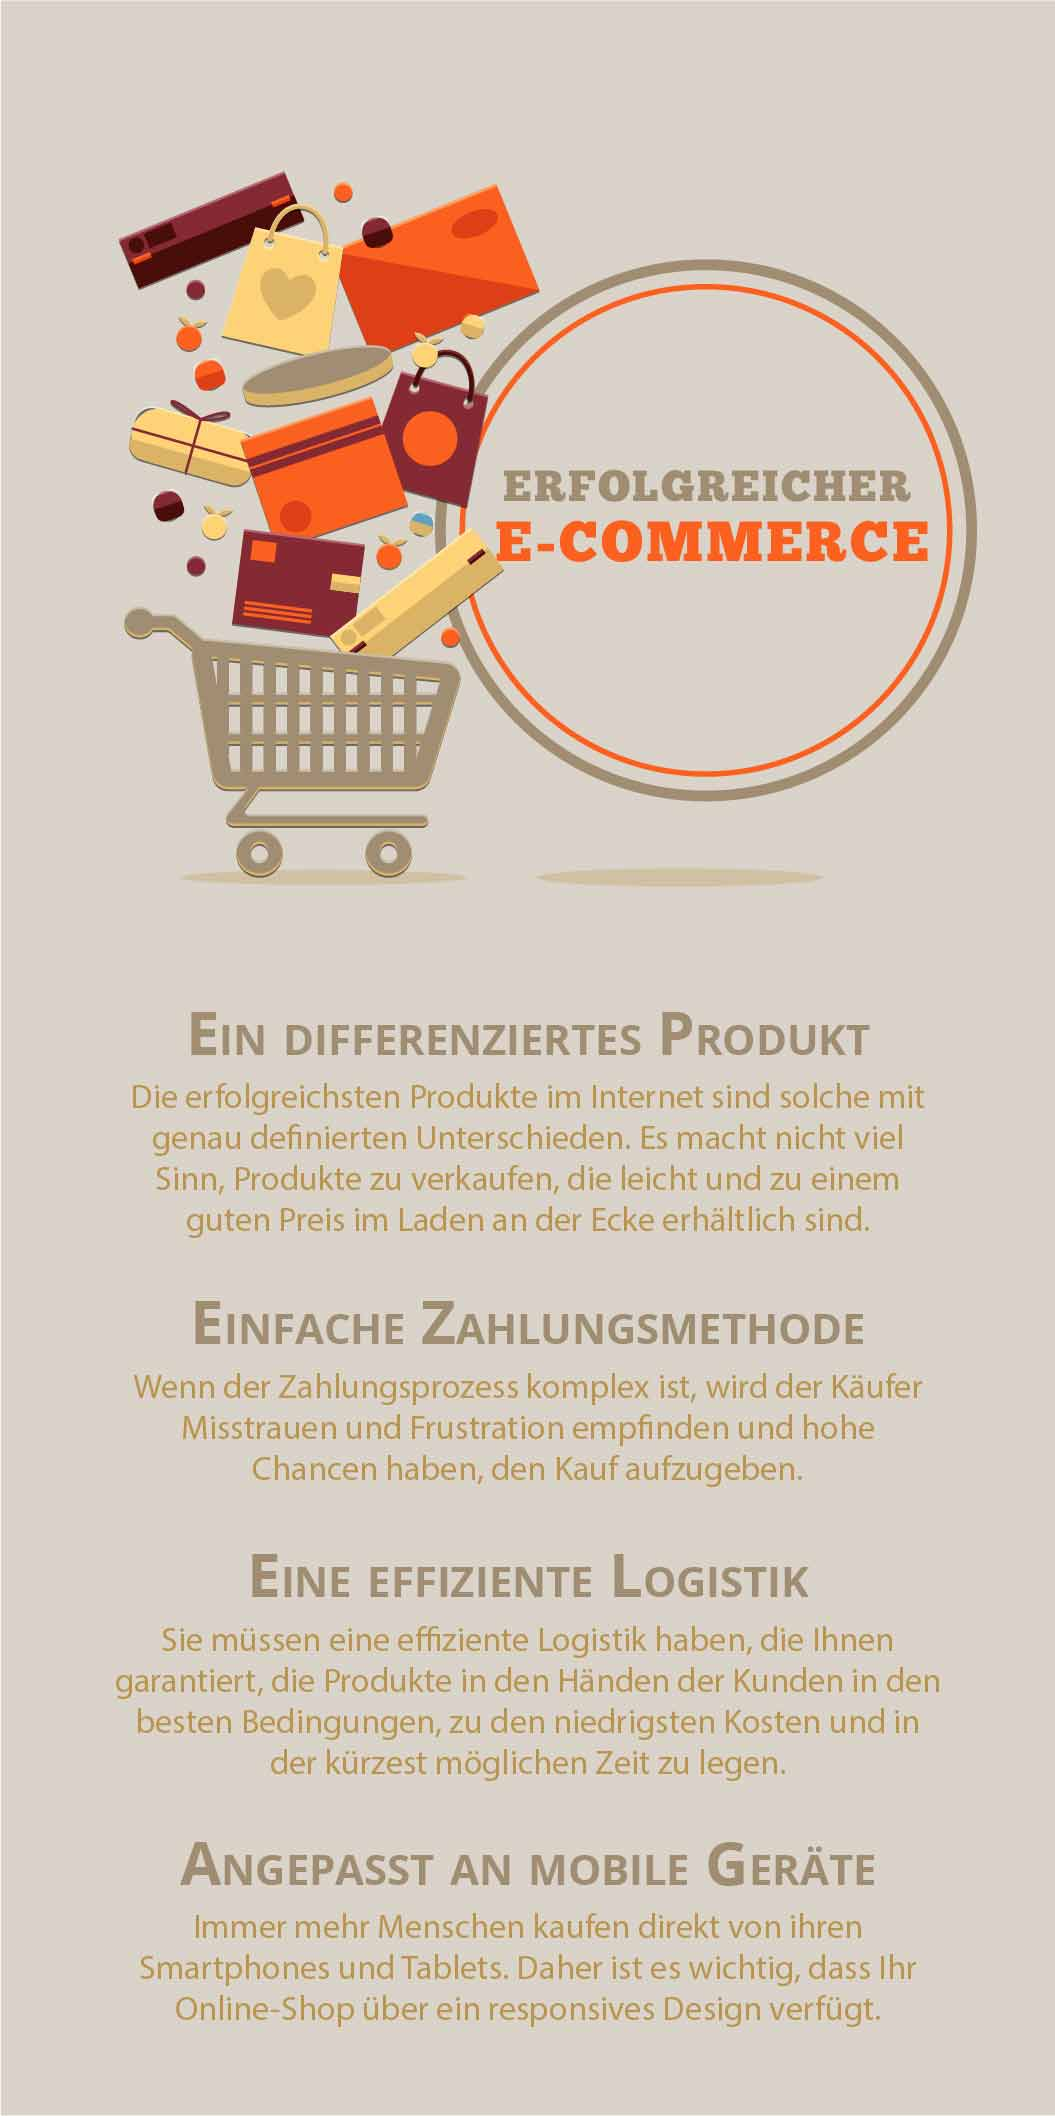 Tipps für den eigenen Online-Shop